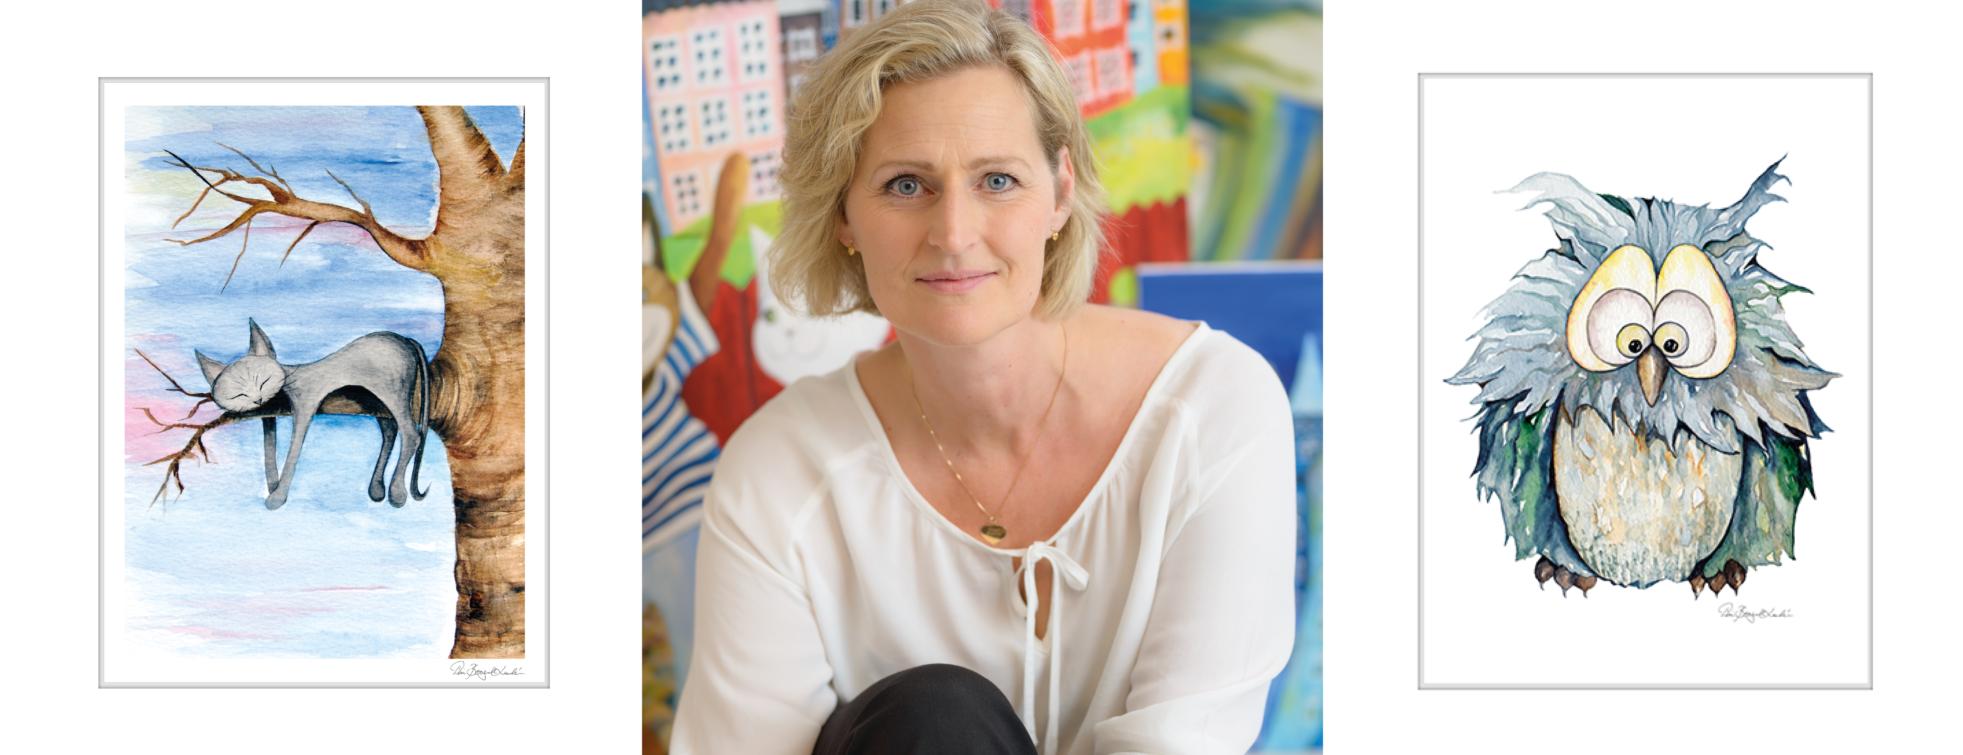 Konstnär och designer Pia Bergvall Lundén